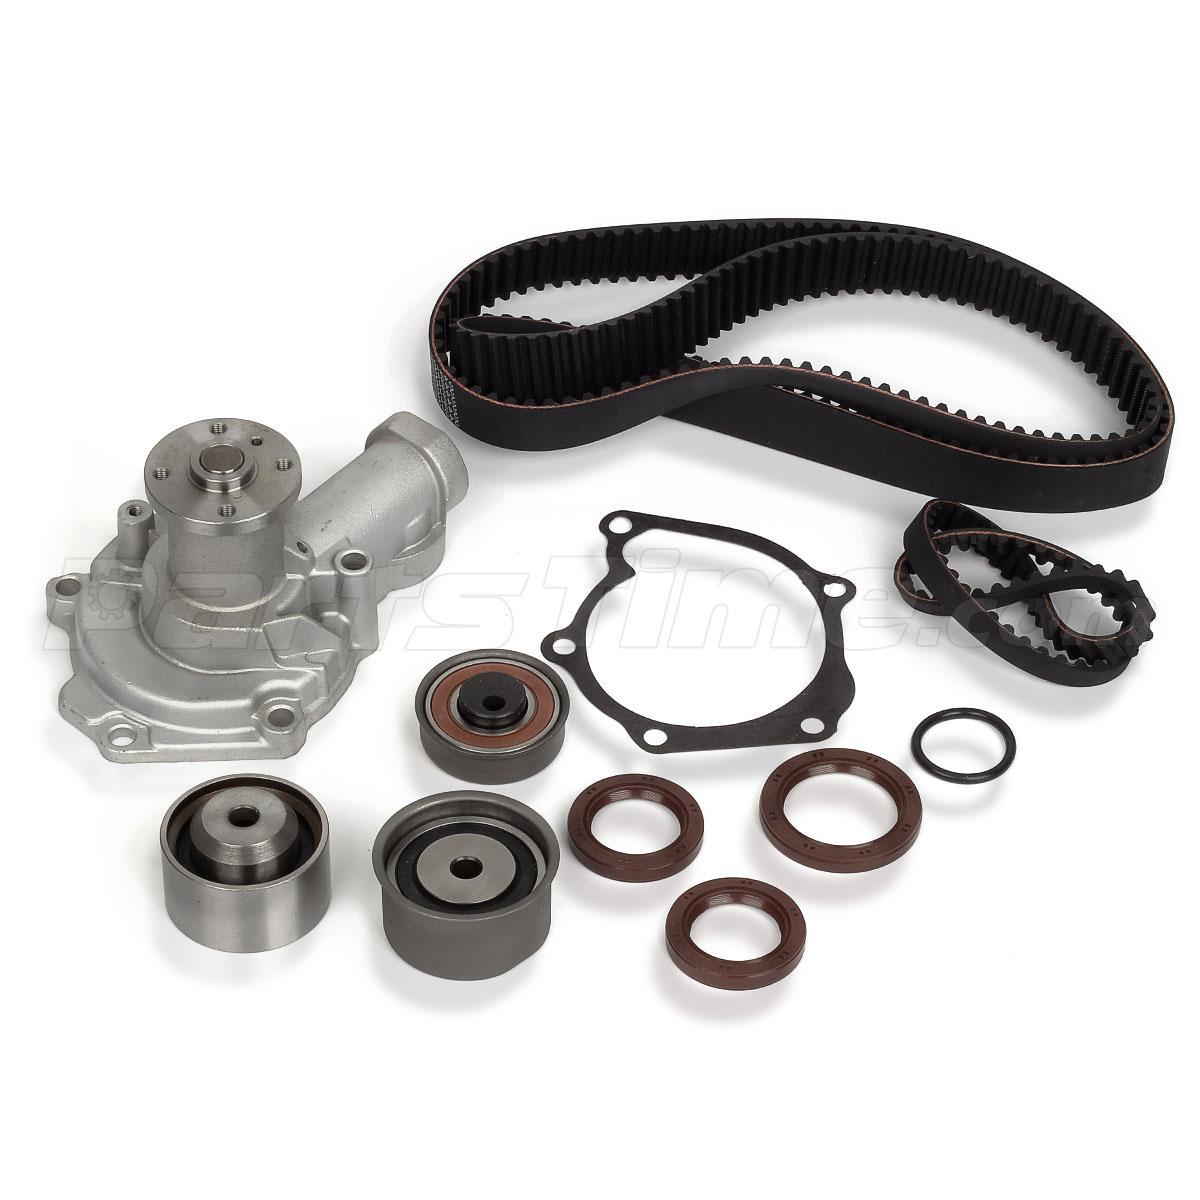 2012 Hyundai Sonata Timing Belt Replacement: For Hyundai Sonata Santa Fe Kia Optima 2.4L Timing Belt